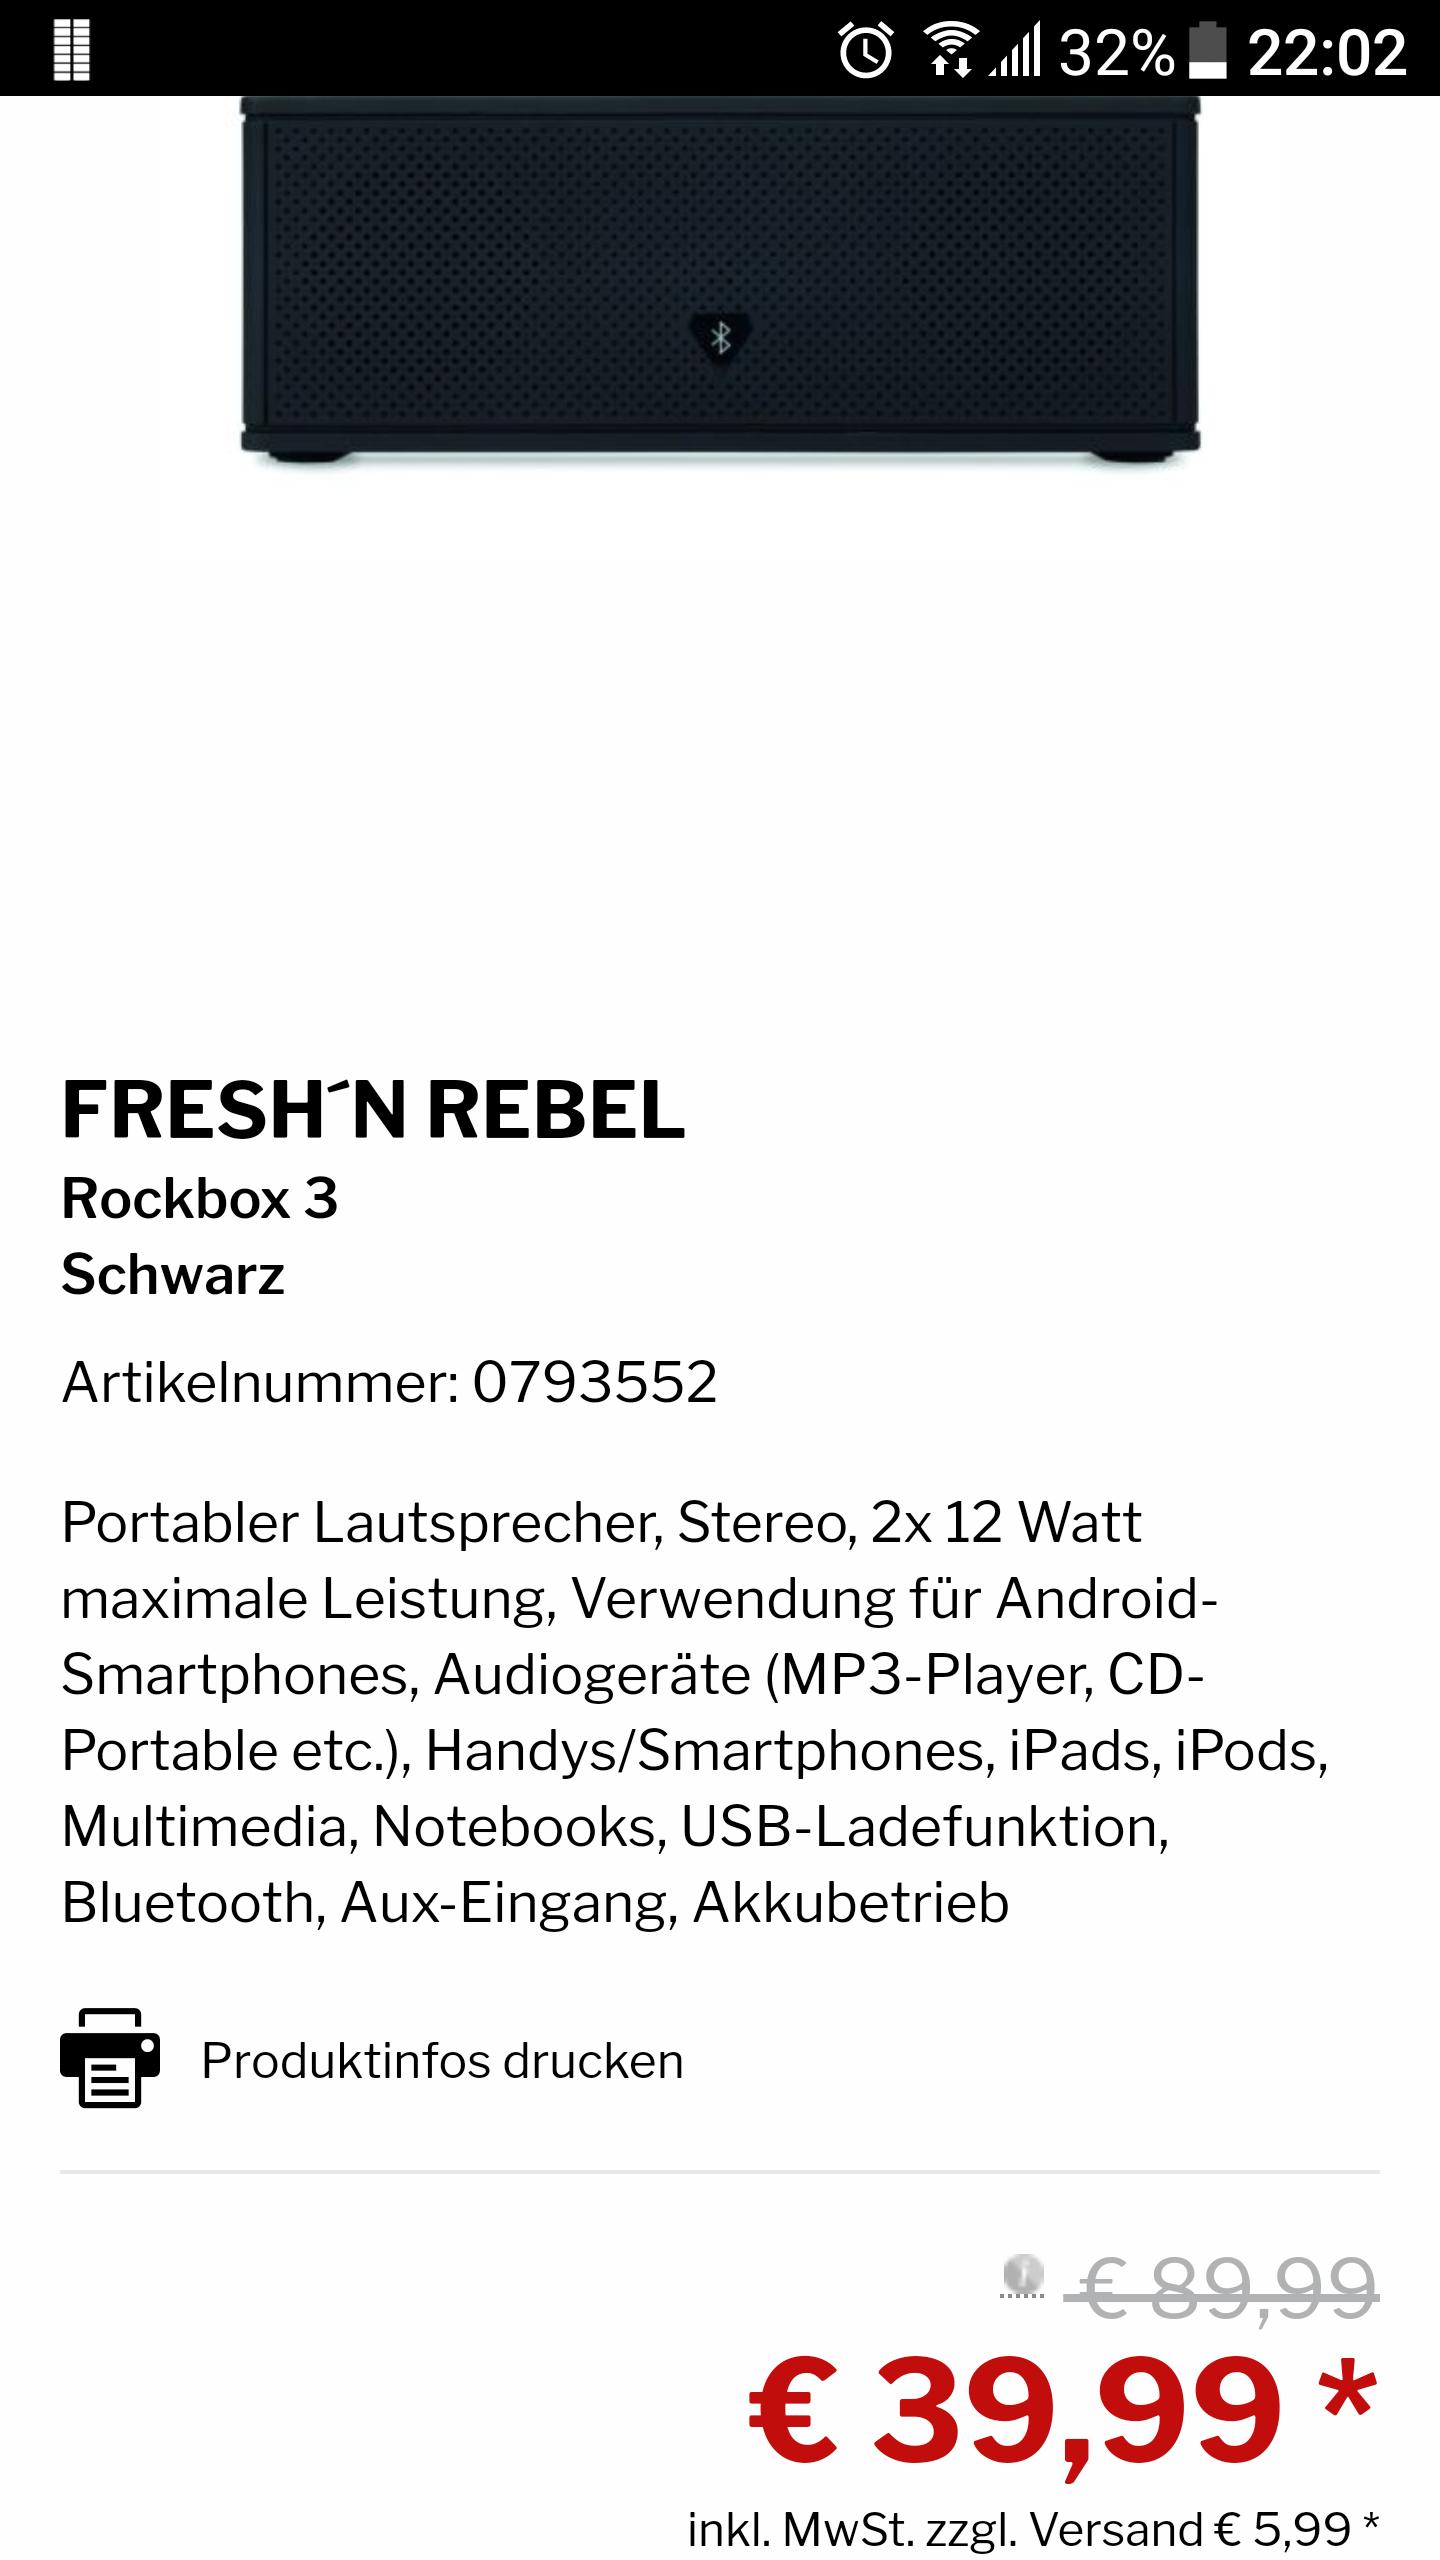 [Medimax Online/Bestpreis] Fresh'n Rebel Rockbox 3 Bluetooth Lautsprecher / Schwarz / 24 Stunden Akkulaufzeit / 2x 12Watt + Passiver Bassradiator / 5 € Abzug bei Newsletteranmeldung